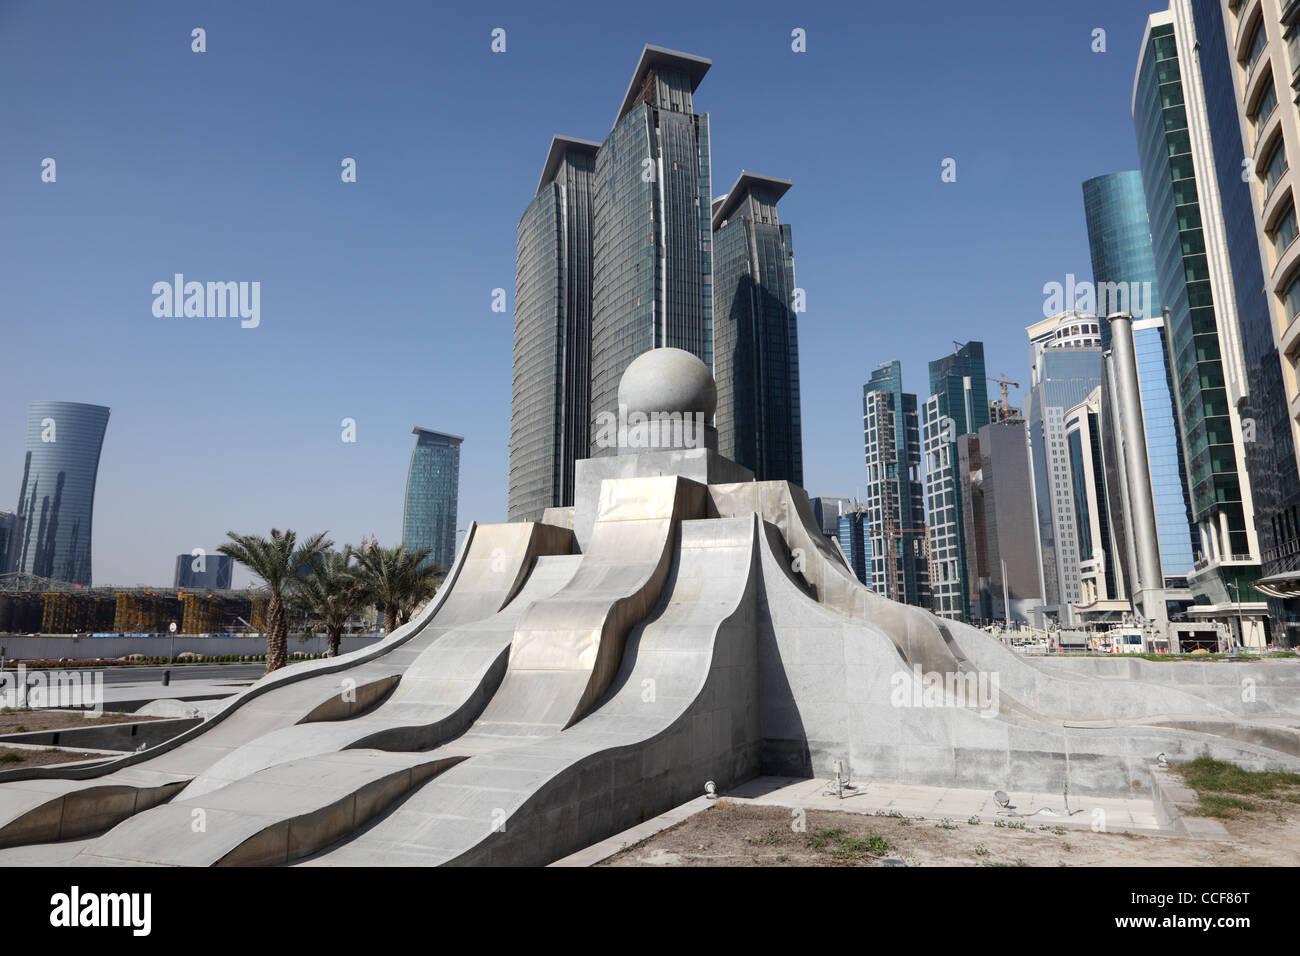 Nouveau quartier du centre-ville de la baie de l'Ouest à Doha, Qatar Photo Stock